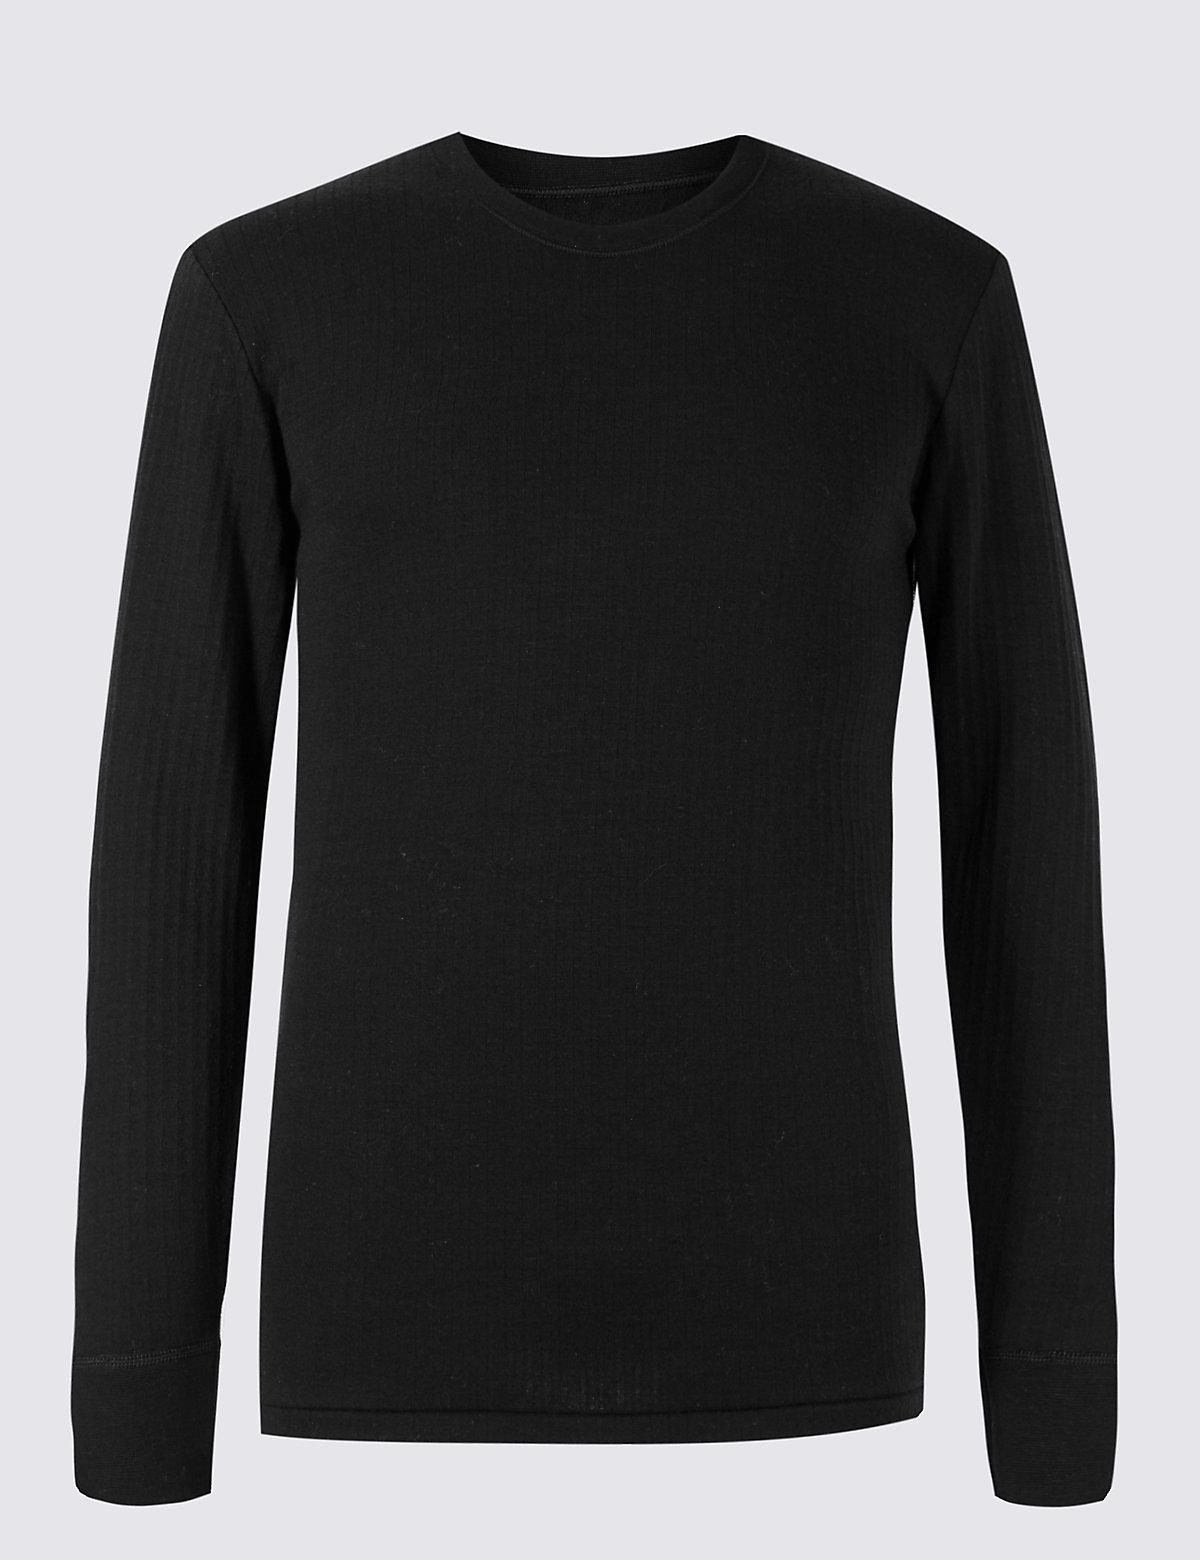 Терможилет мужской с добавлением шерсти M&S Collection. Цвет: черный